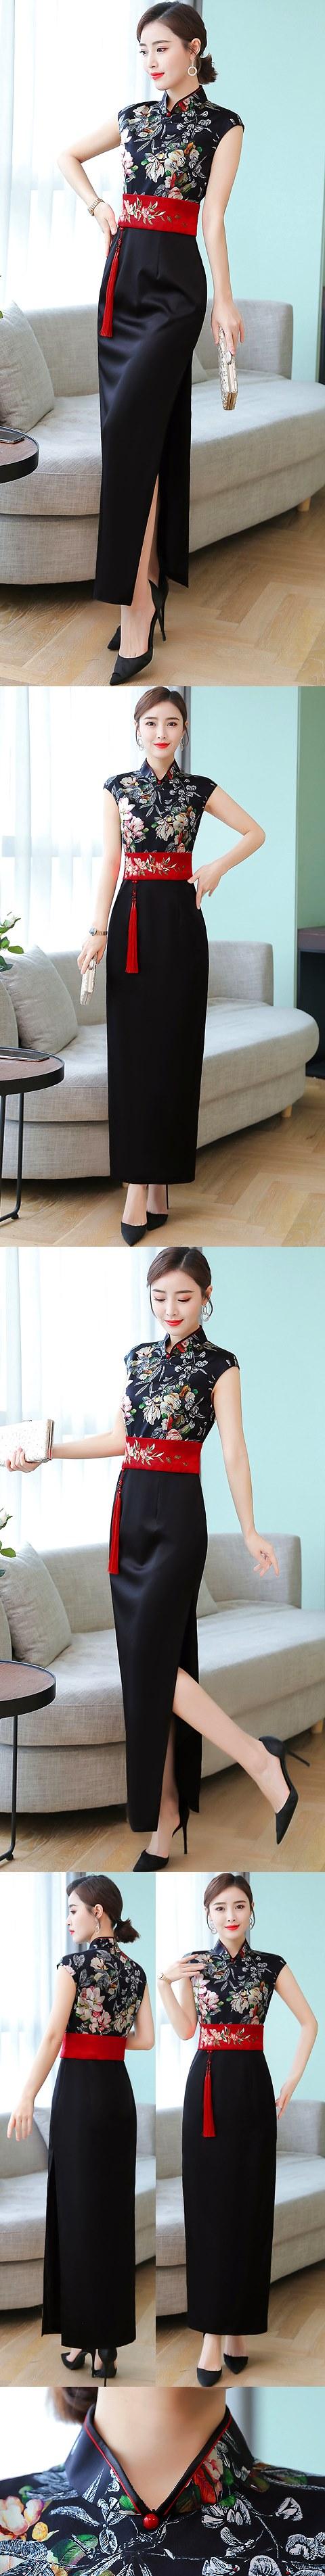 Cup-sleeve Modernized Chic Cheongsam (RM)